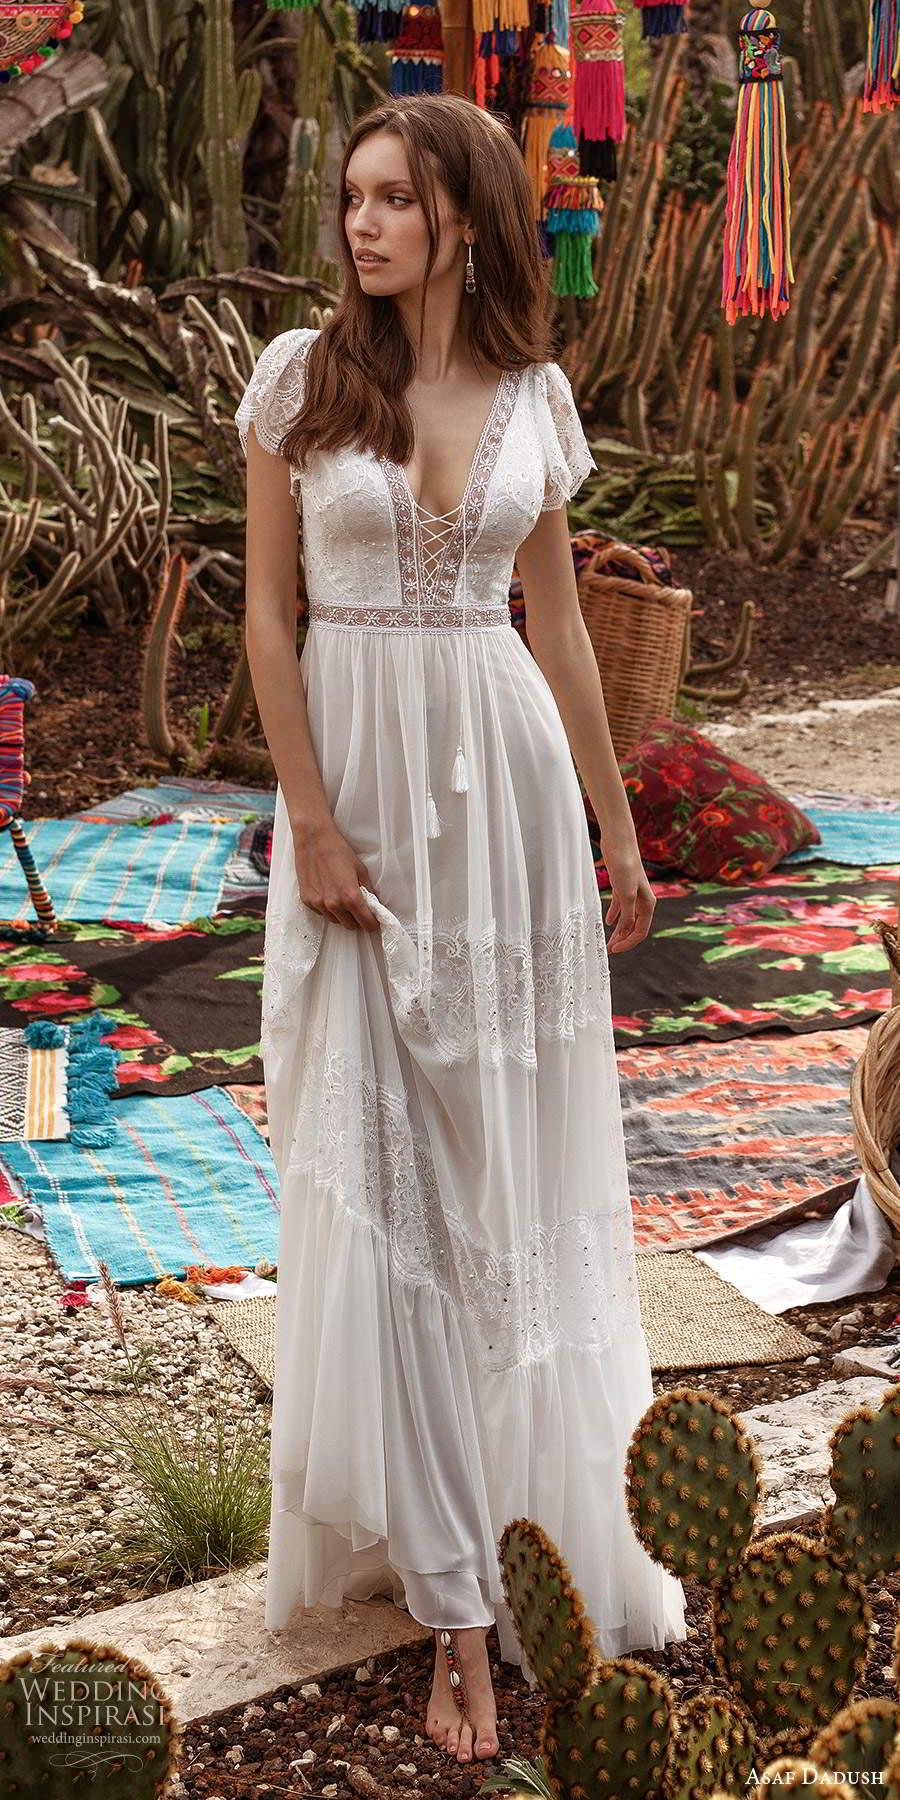 asaf dadush 2020 bridal short flutter sleeves plunging v neckline embellished lace boho a line wedding dress low back (1) mv